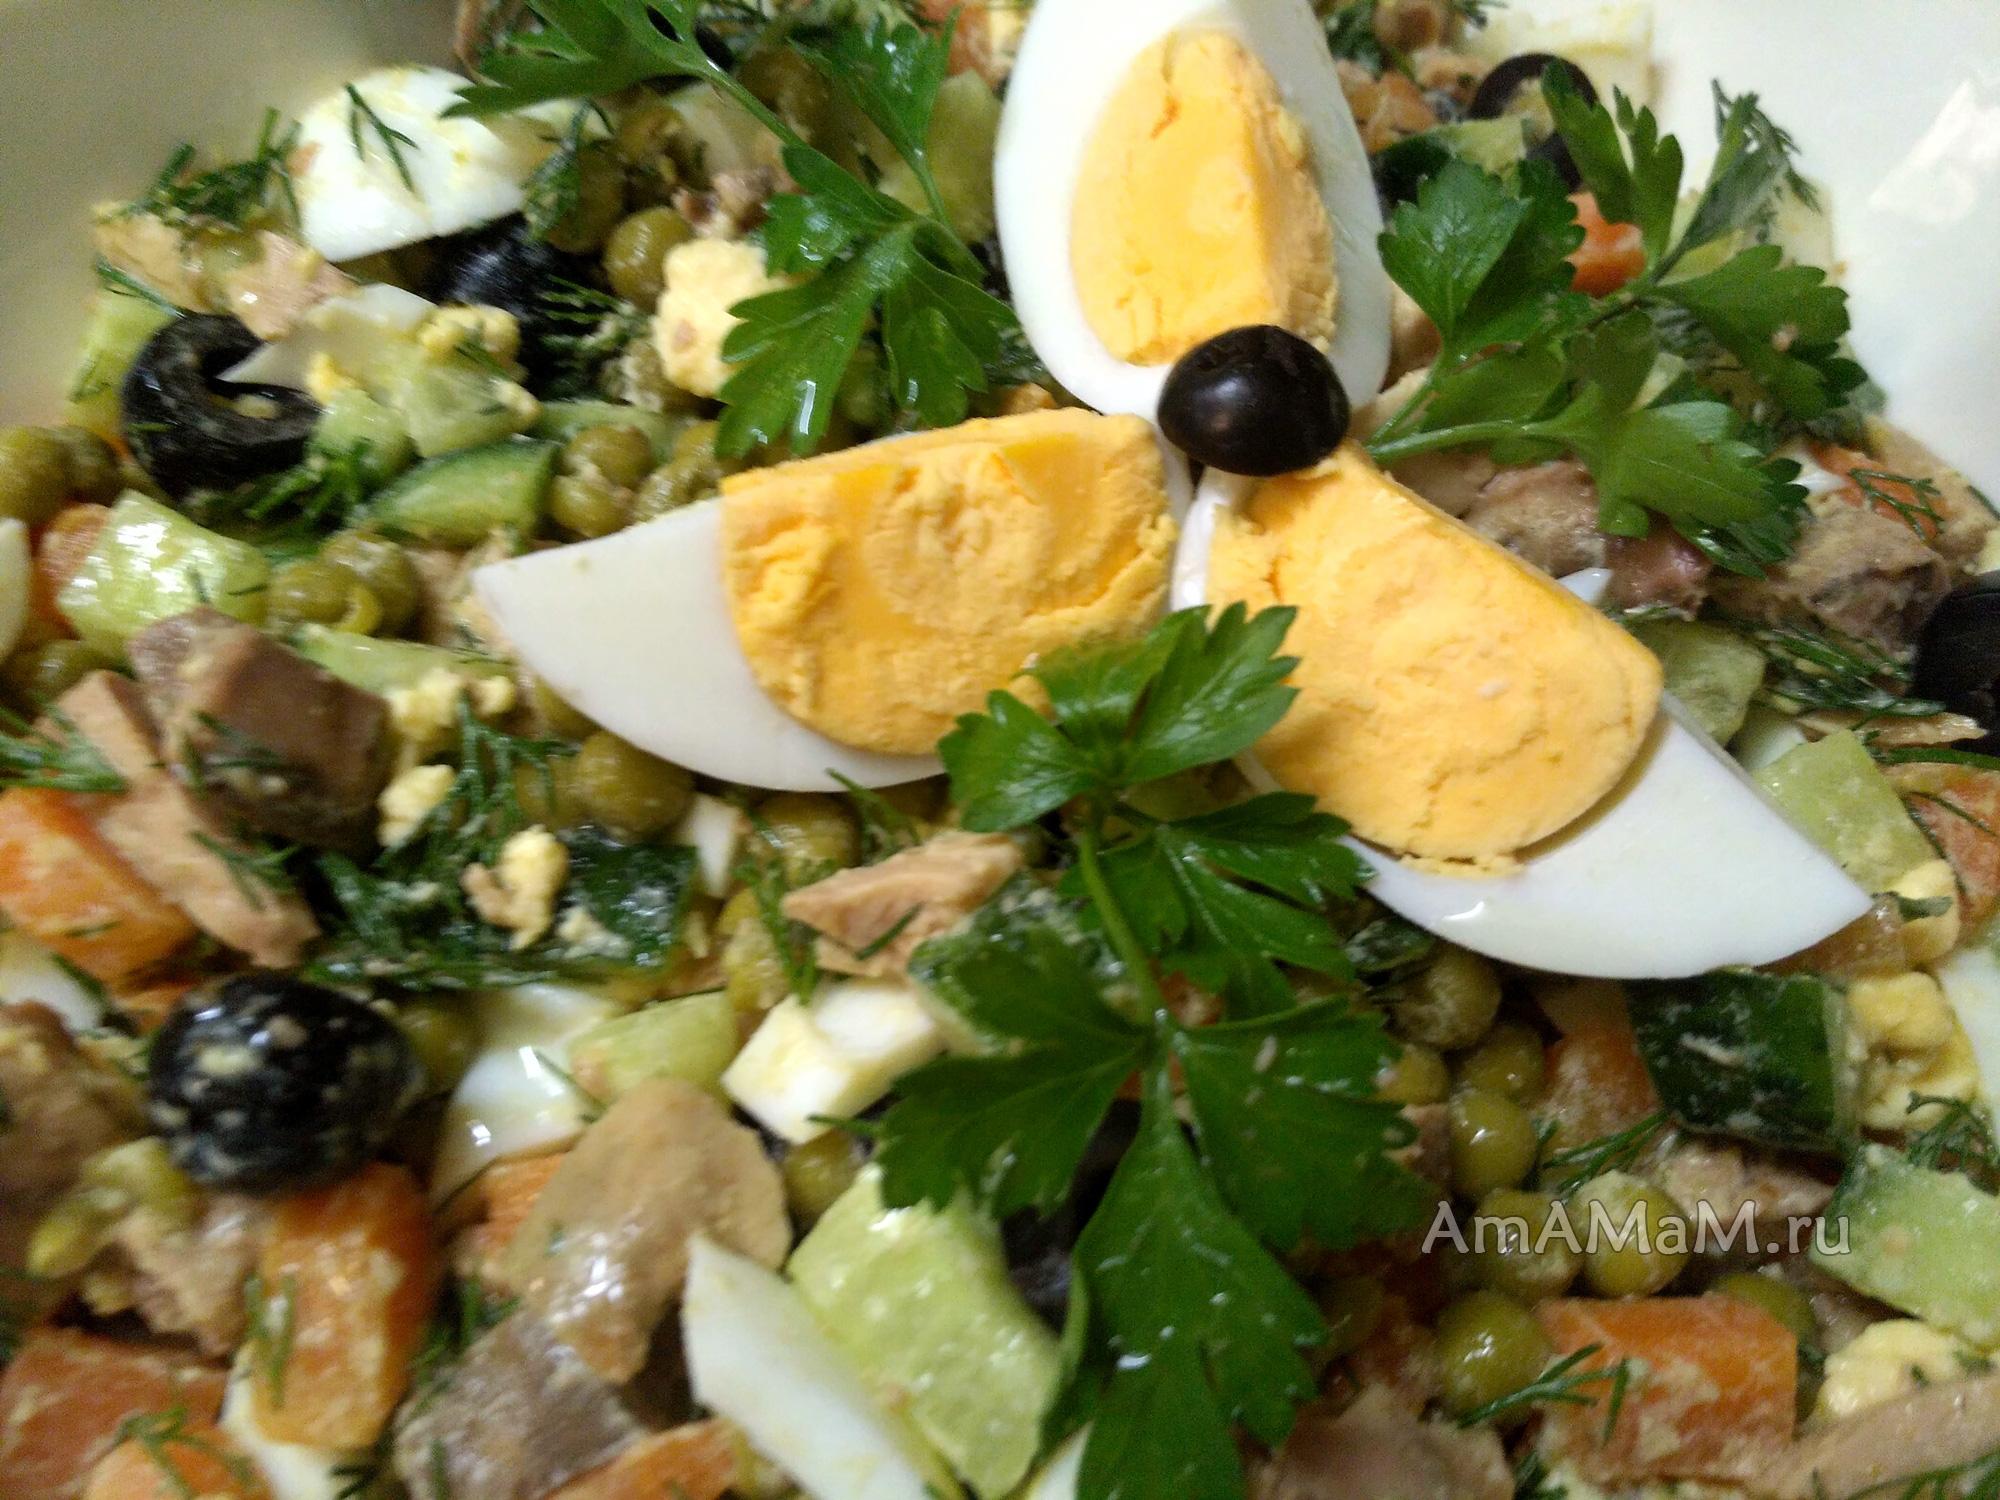 Легкий салат с печенью трески, картофелем, томатом и зеленью